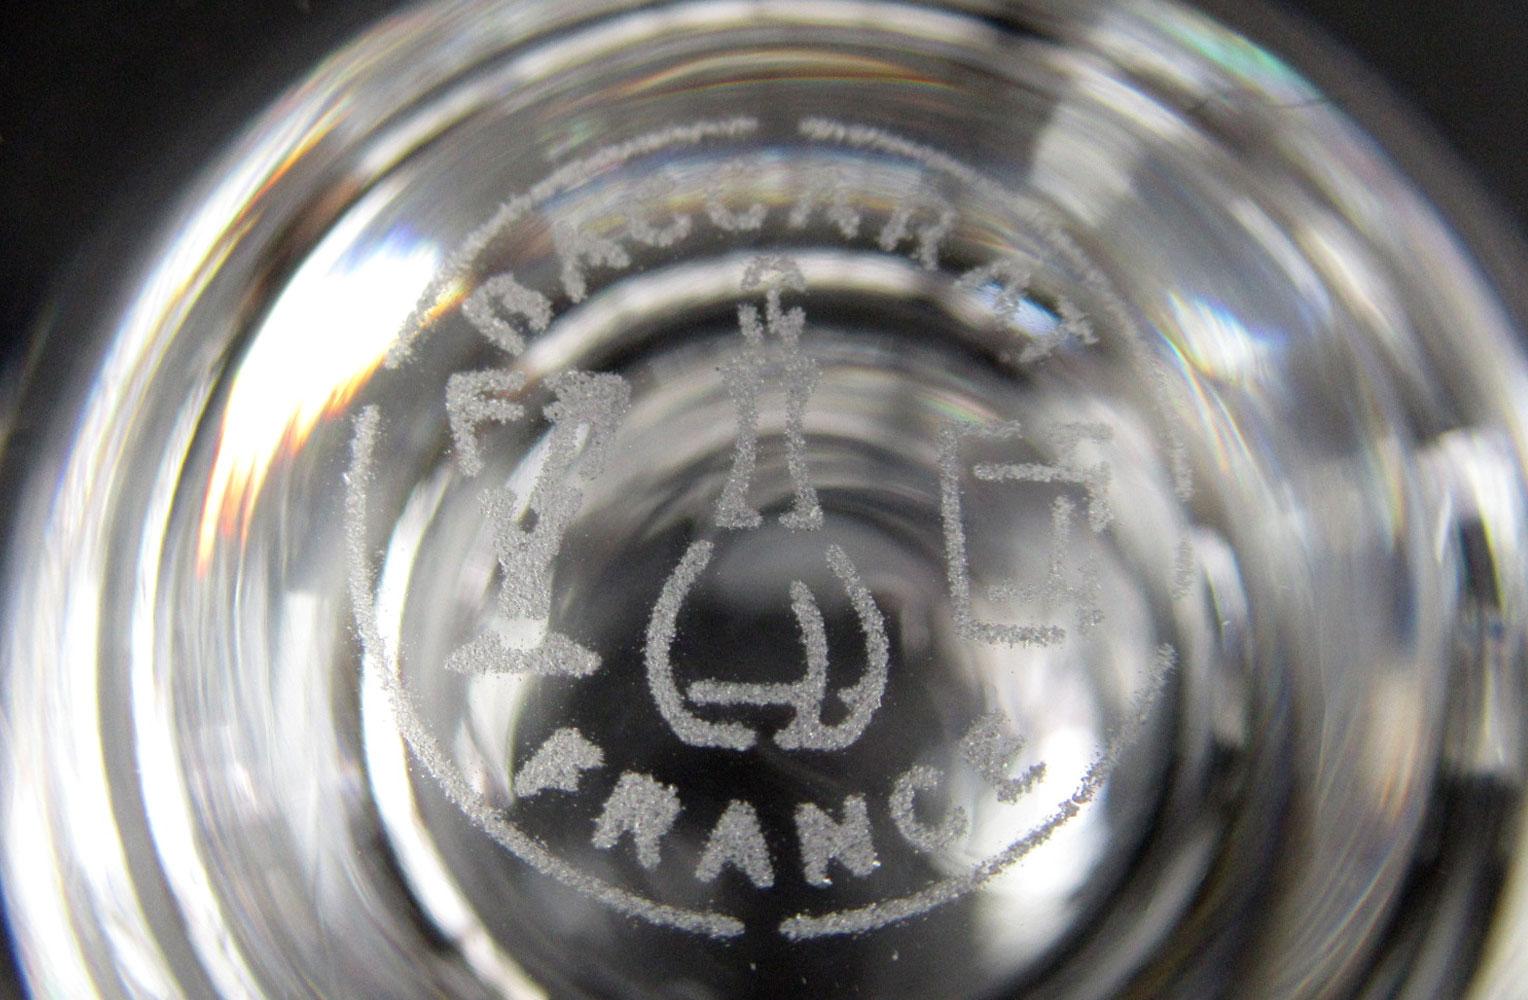 バカラ ローハン シャンパンフルート 商品アップ画像